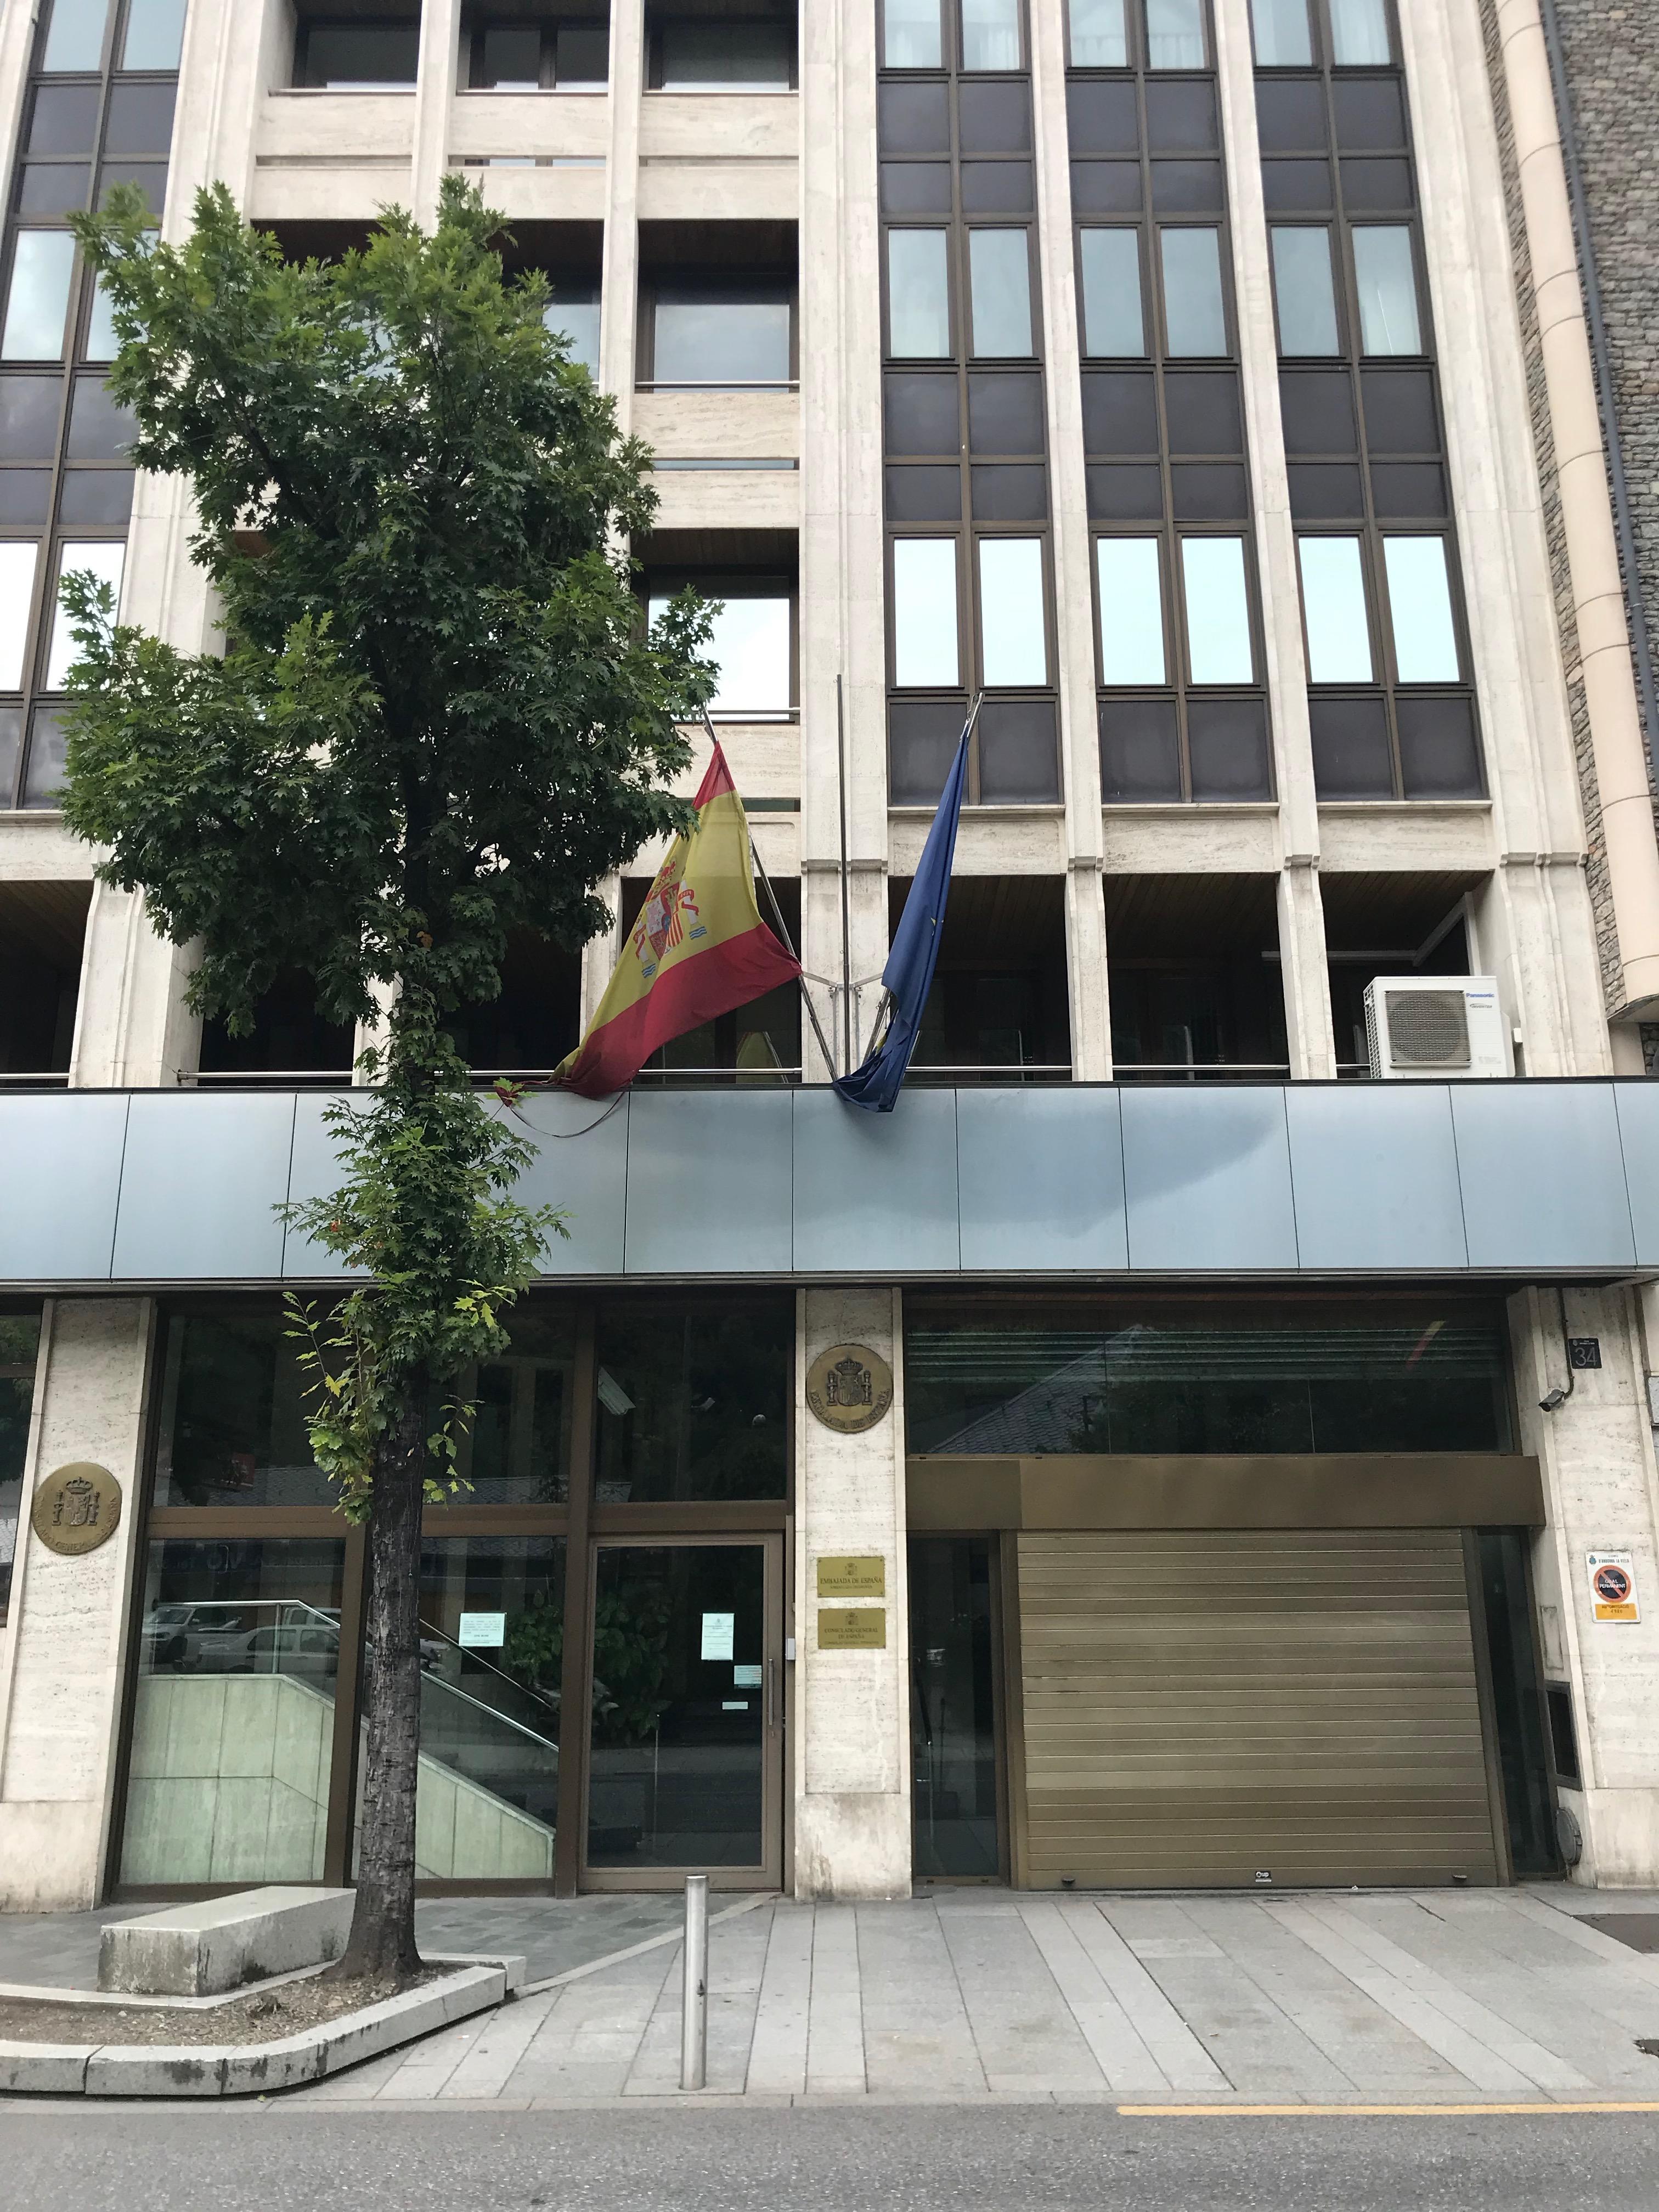 Misiones diplomáticas de España - Wikipedia, la enciclopedia